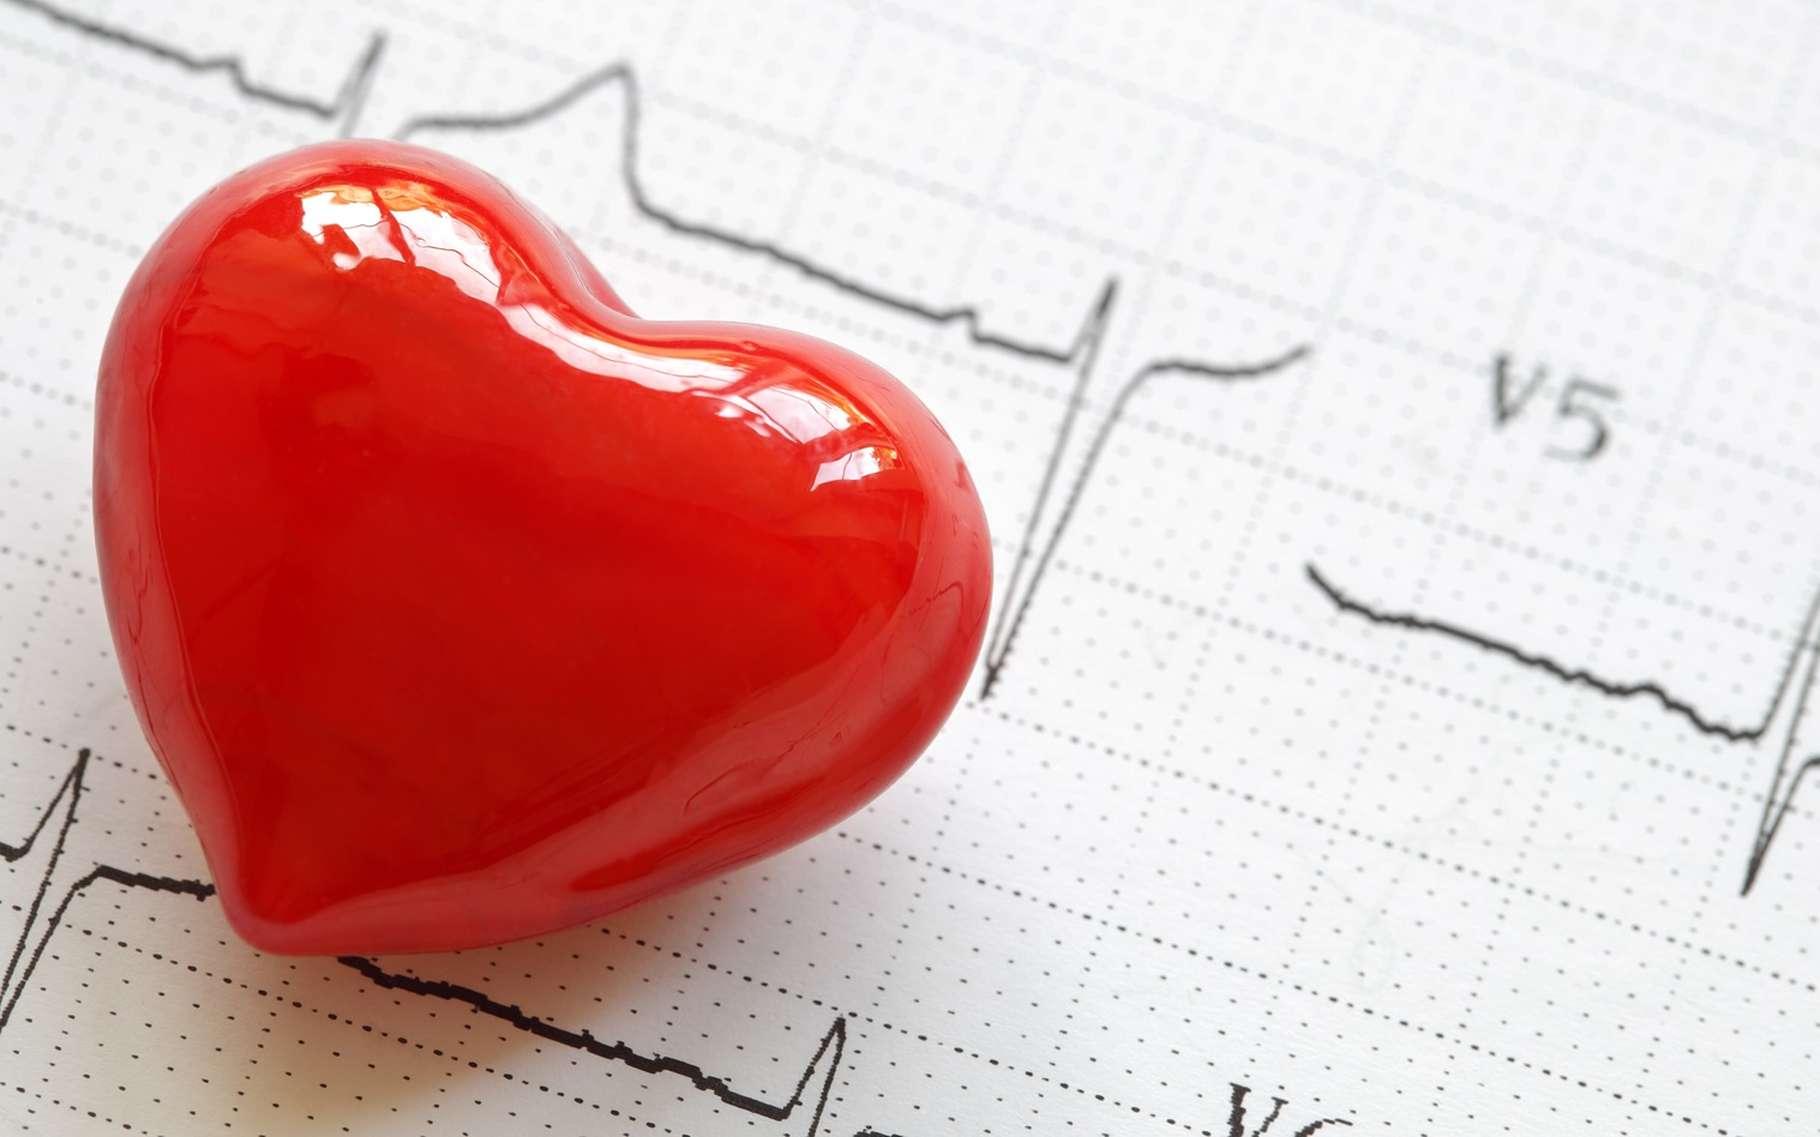 Difficile de s'y retrouver entre le « bon » cholestérol (HDL), en fait pas très bon, et le vrai « mauvais » cholestérol (LDL)... © Brian A Jackson, Shutterstock